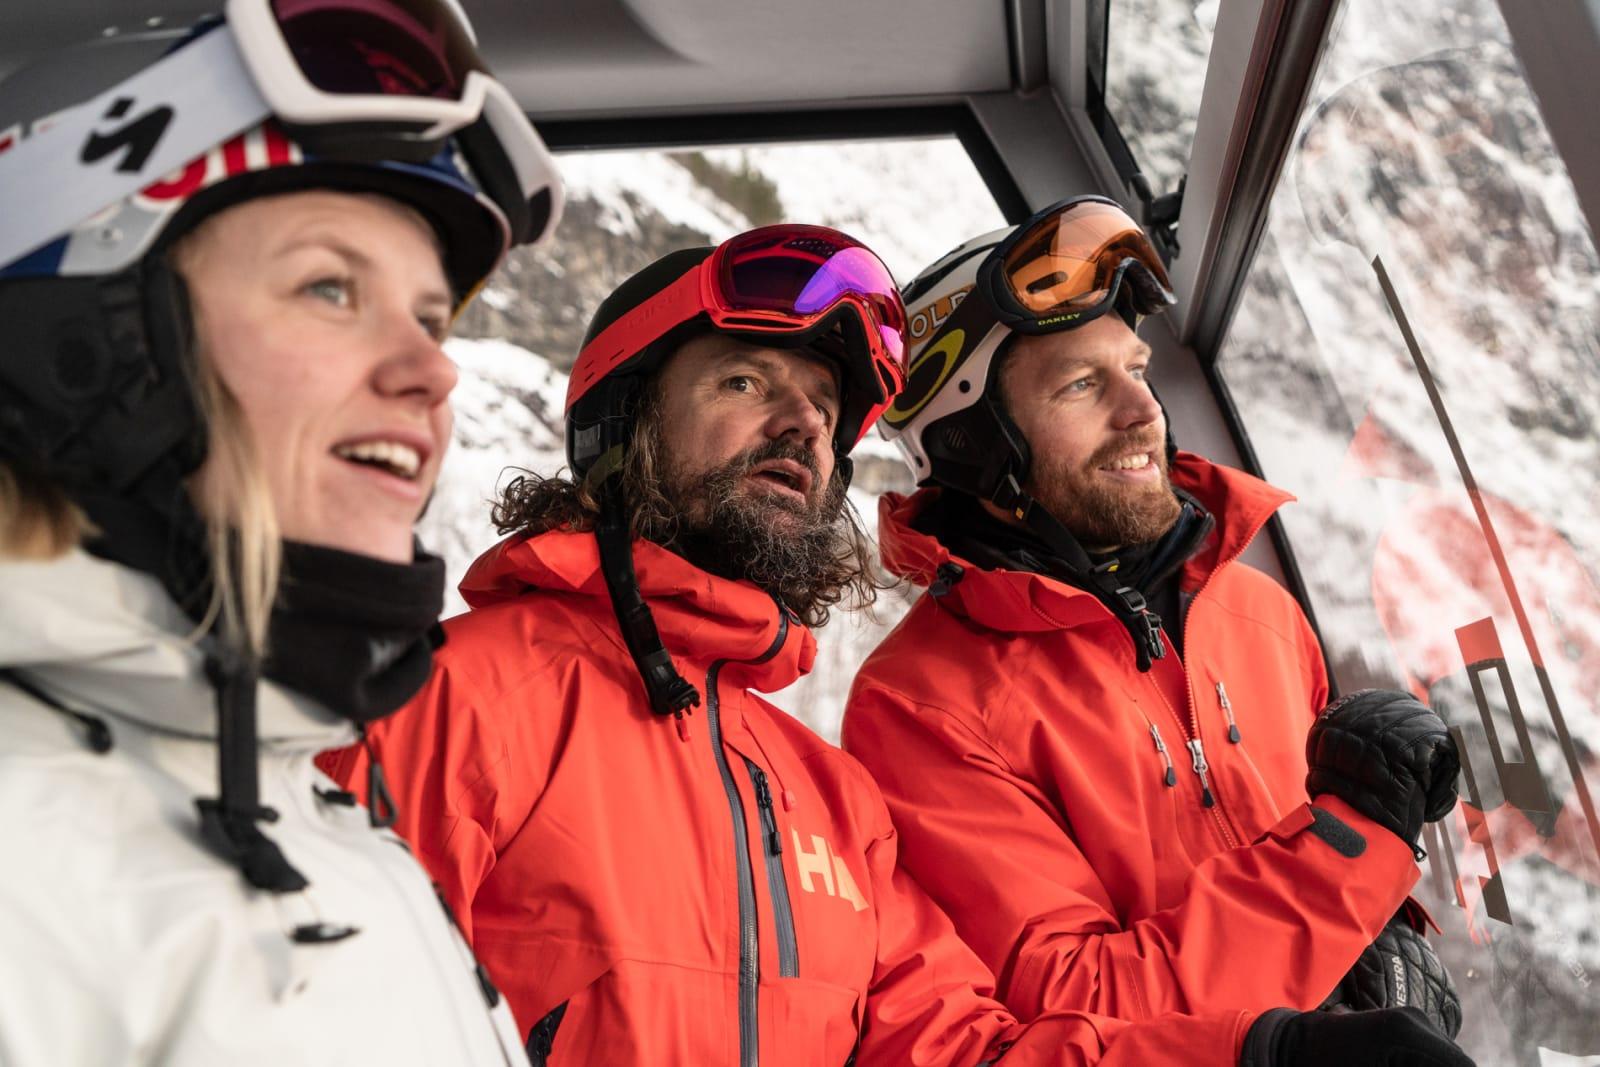 BRA UTSIKT: Tiril Sjåstad Christiansen, Bård Gundersen og Karsten Gefle på vei opp til Hoven med Loen Skylift. Bilde: Christian Nerdrum